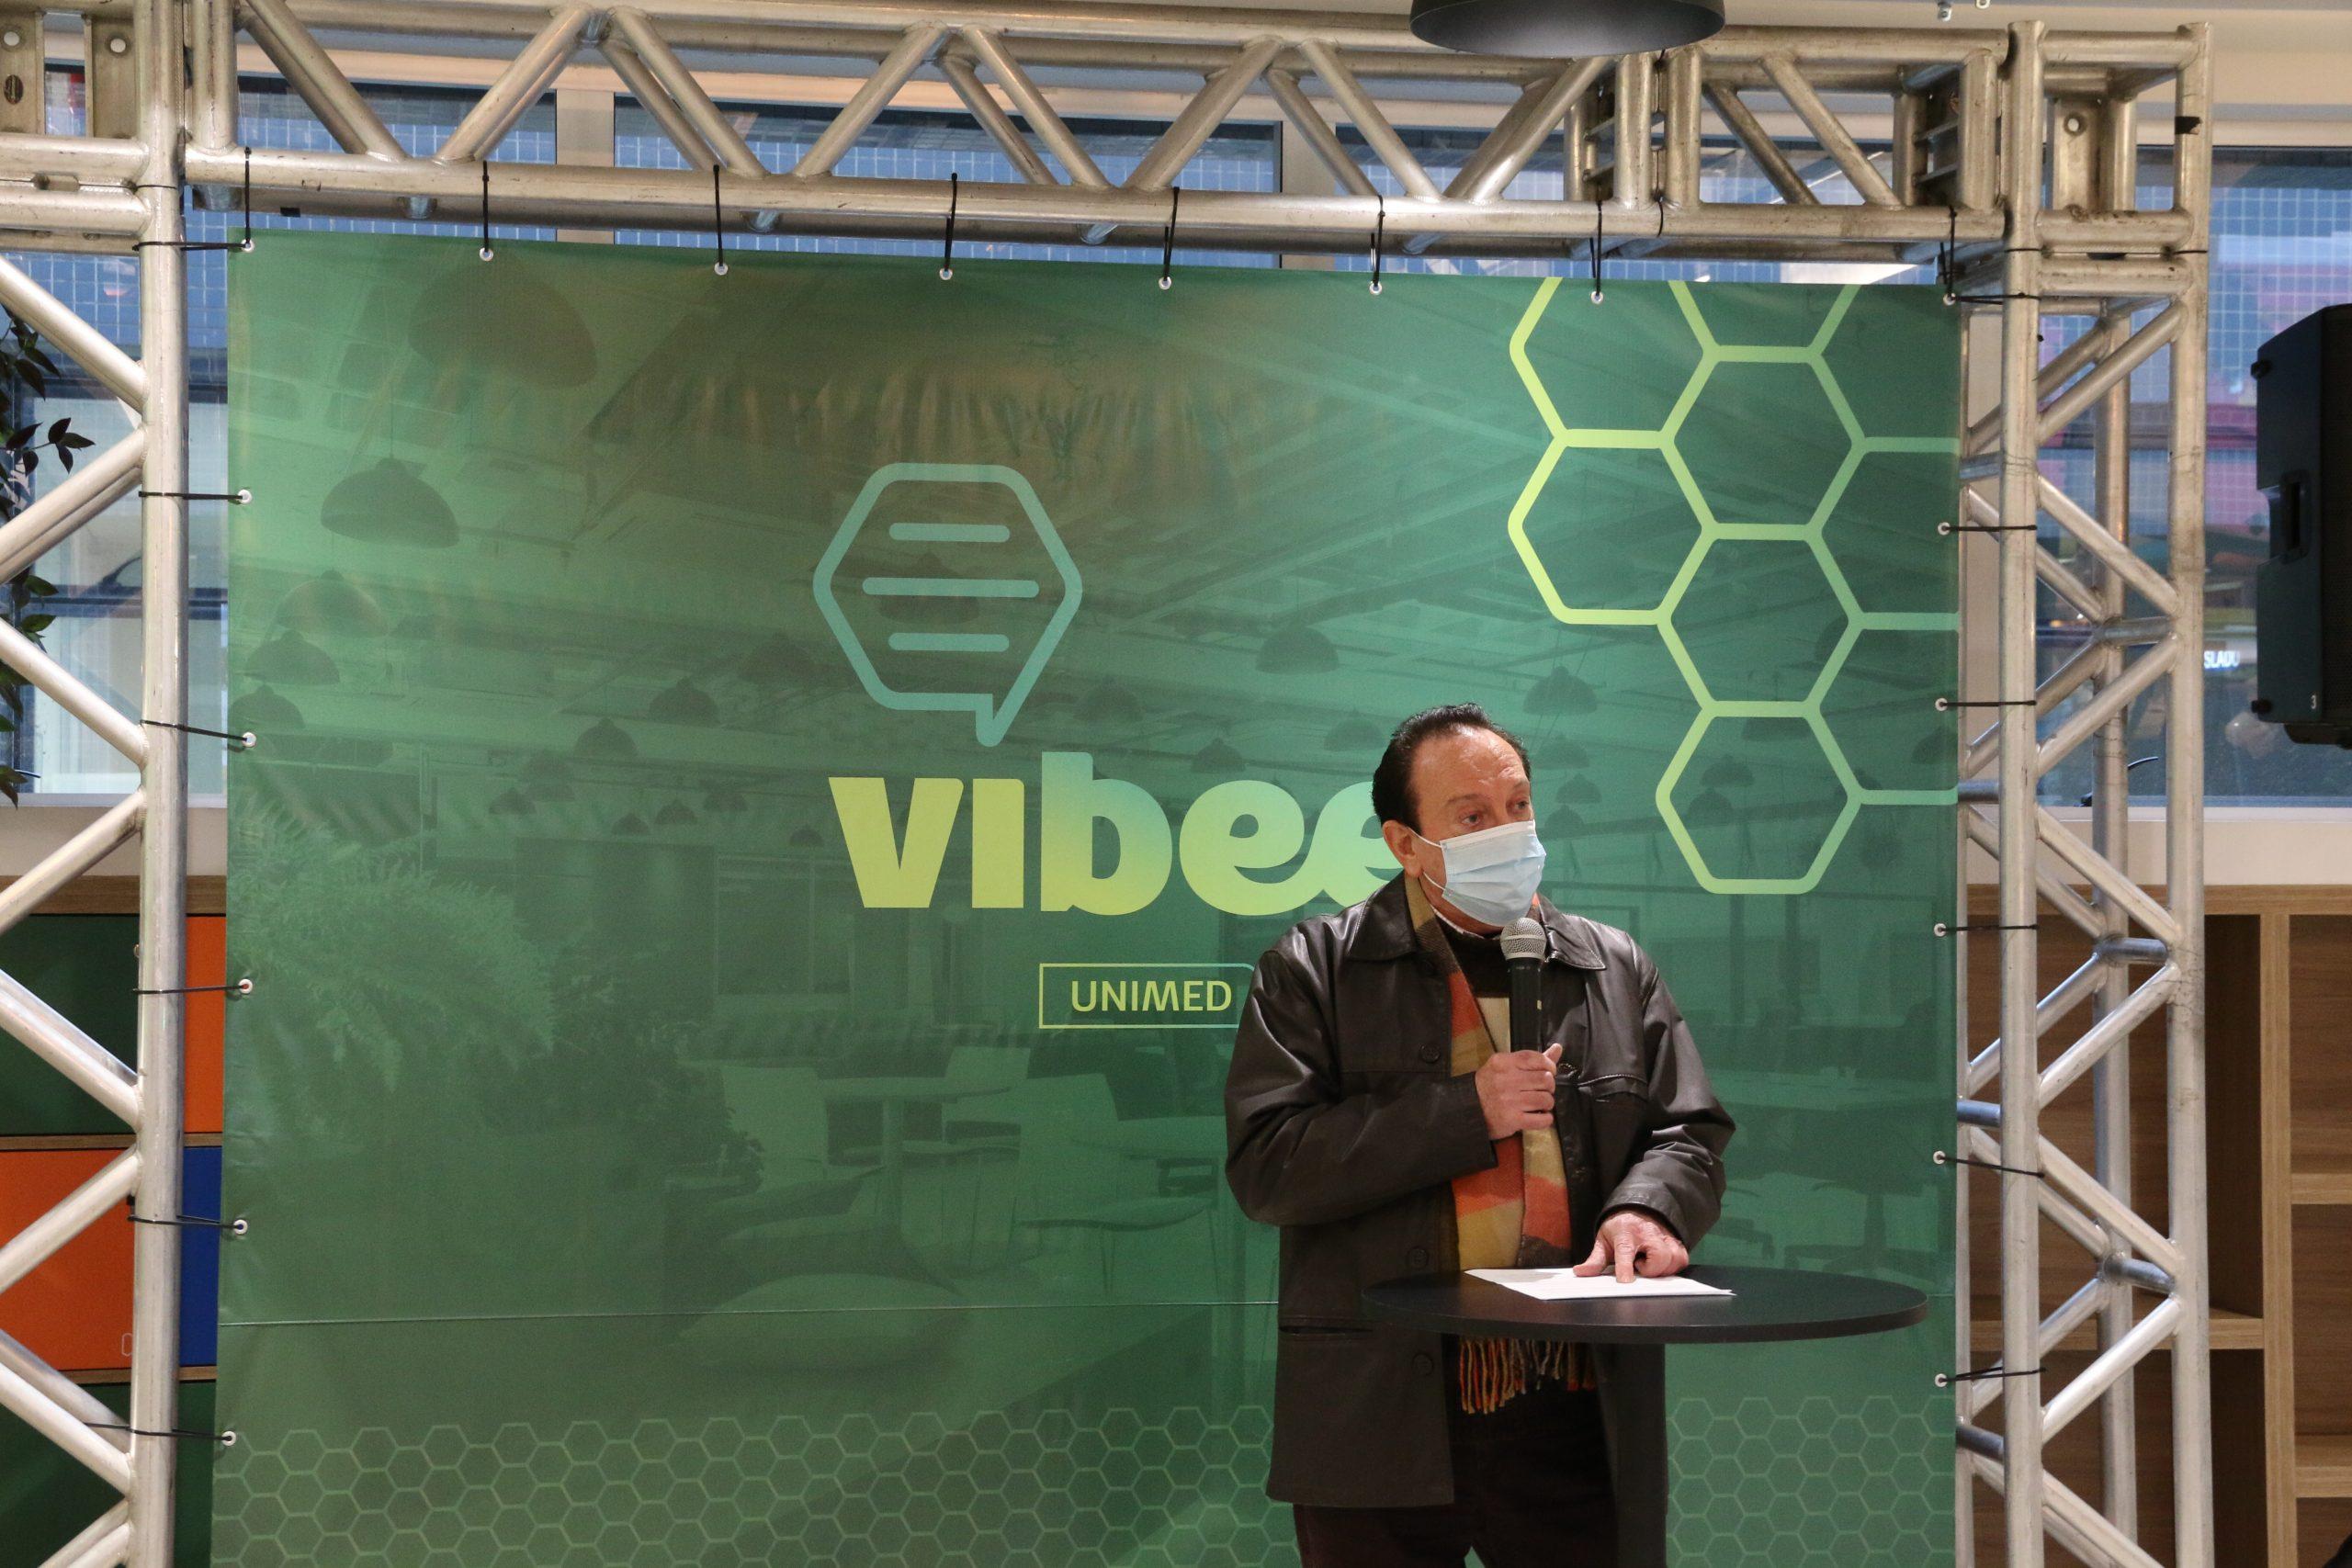 Vibee Unimed 16jul 2020 – Credito Divulgacao-Vibee (2)